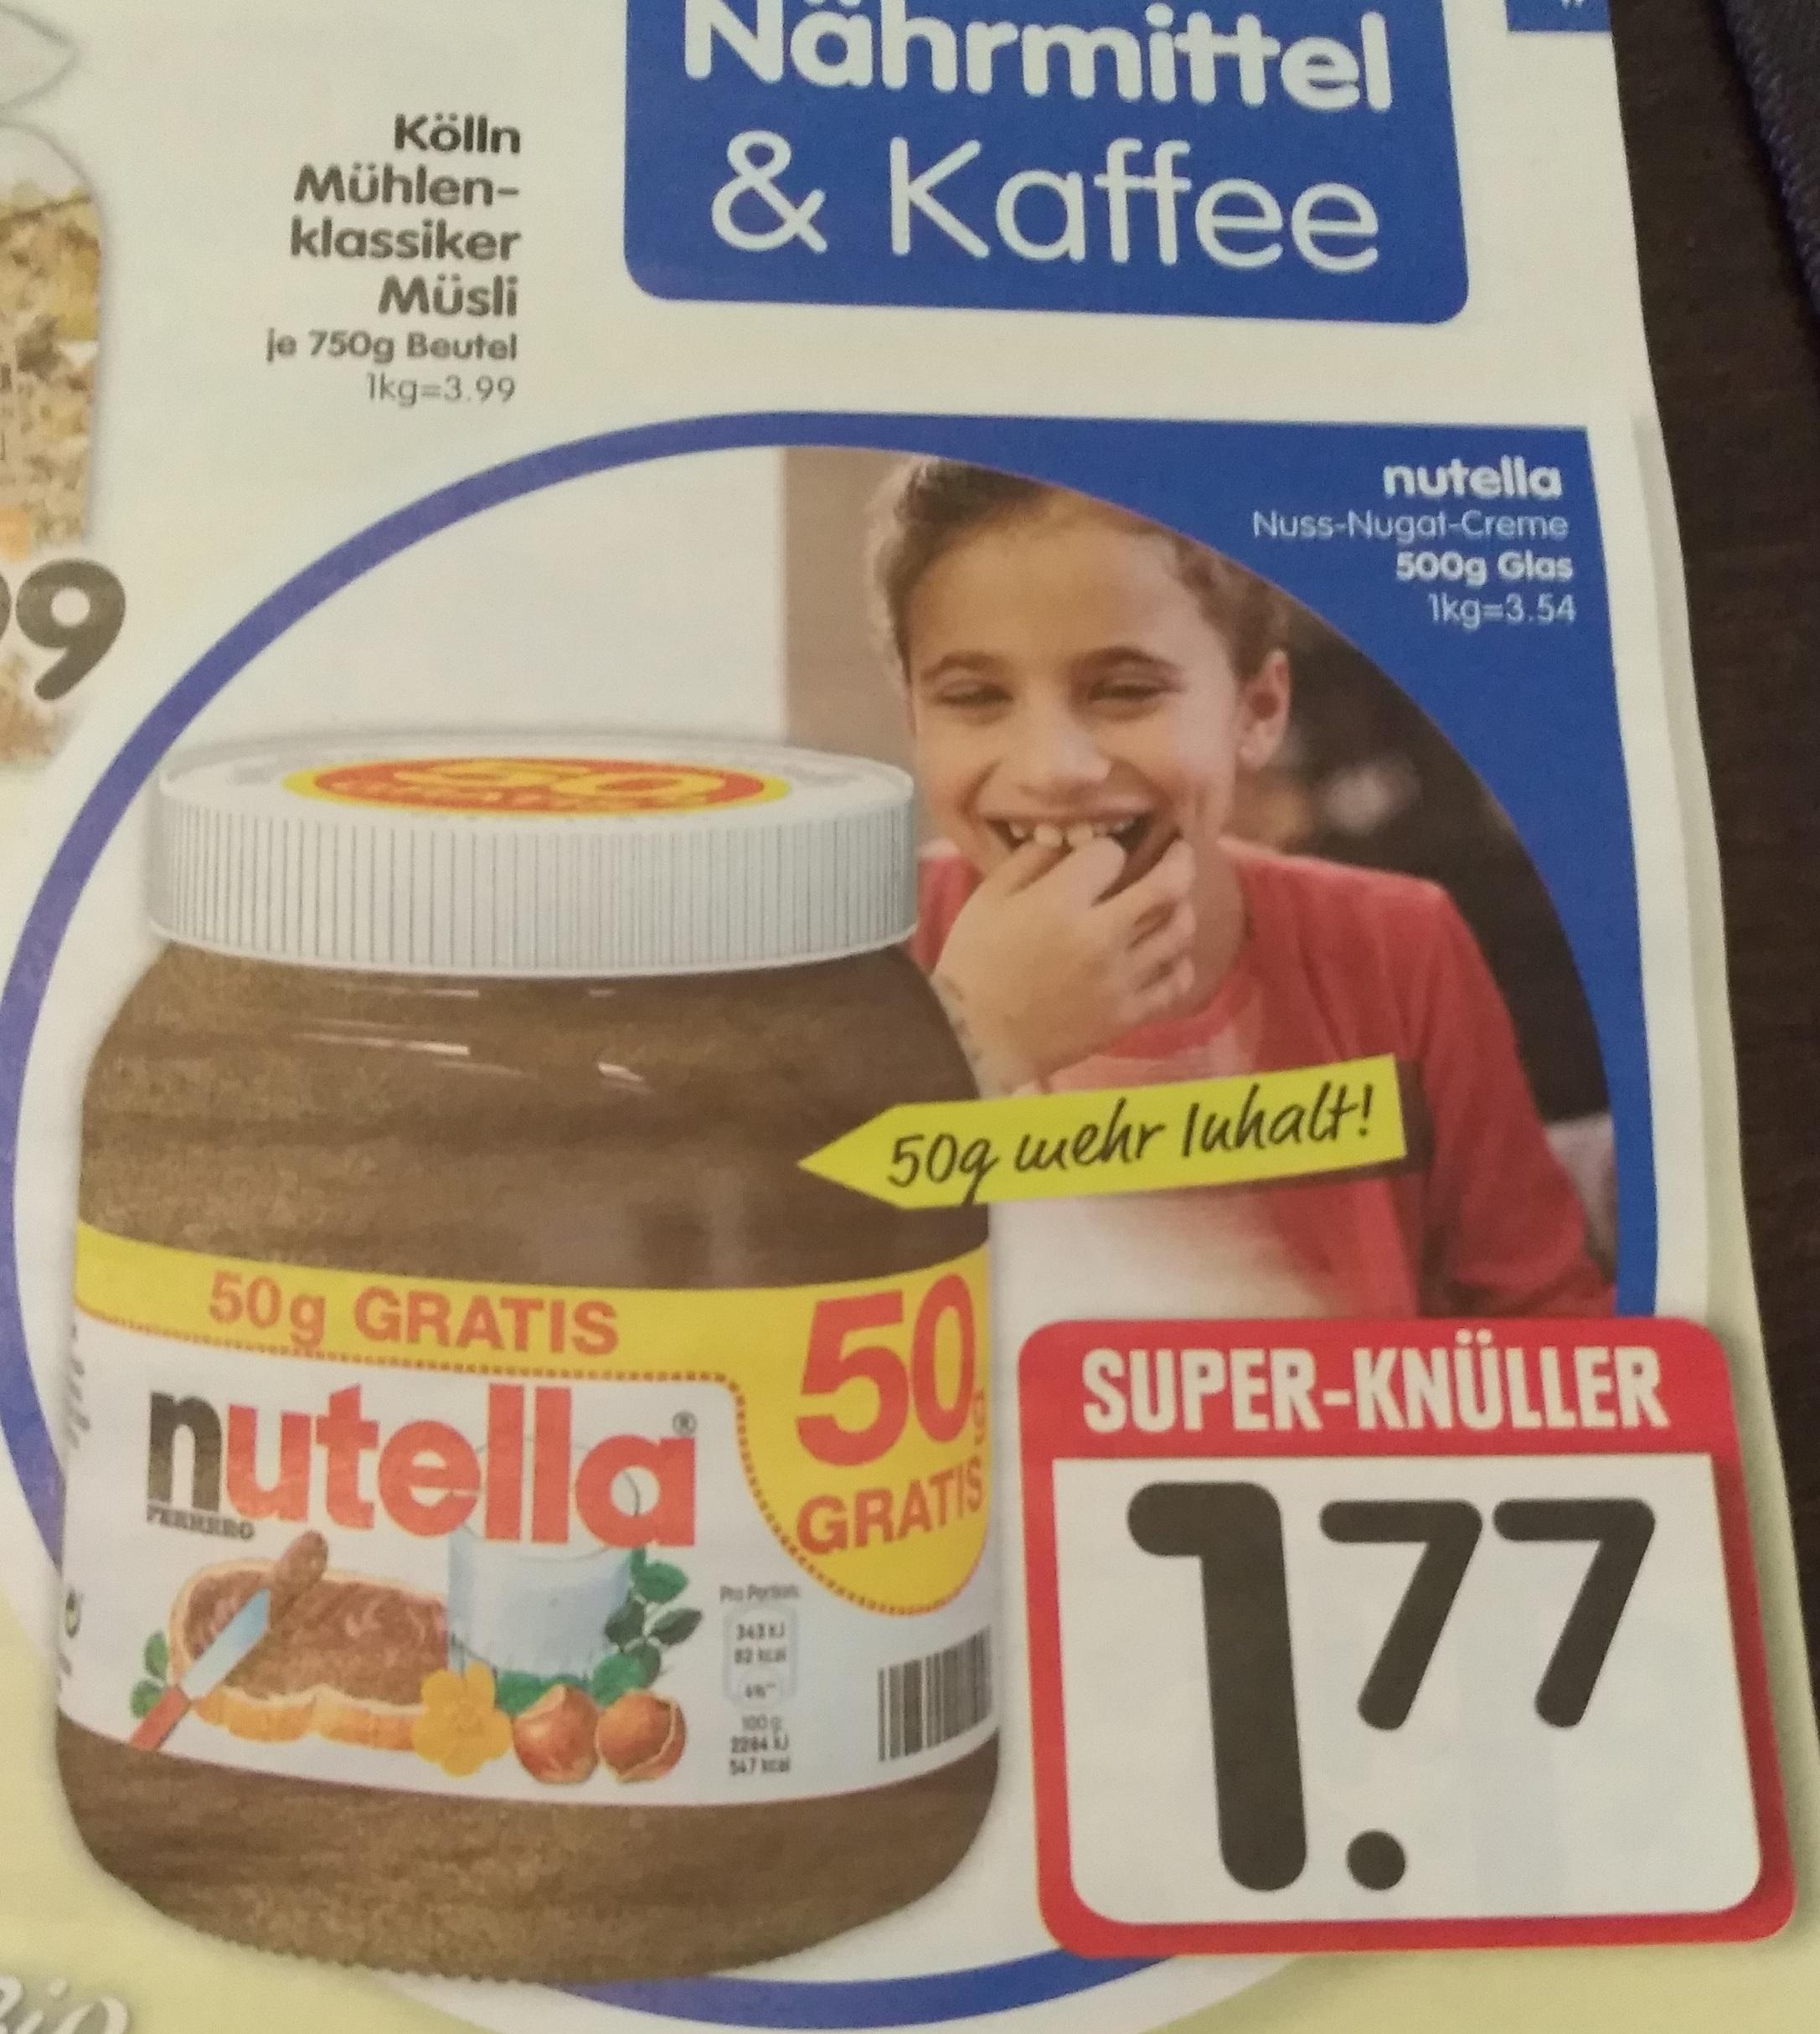 Edeka Süd ab 16.10.2017 - Nutella 500 gr. Glas für 1,77 Euro